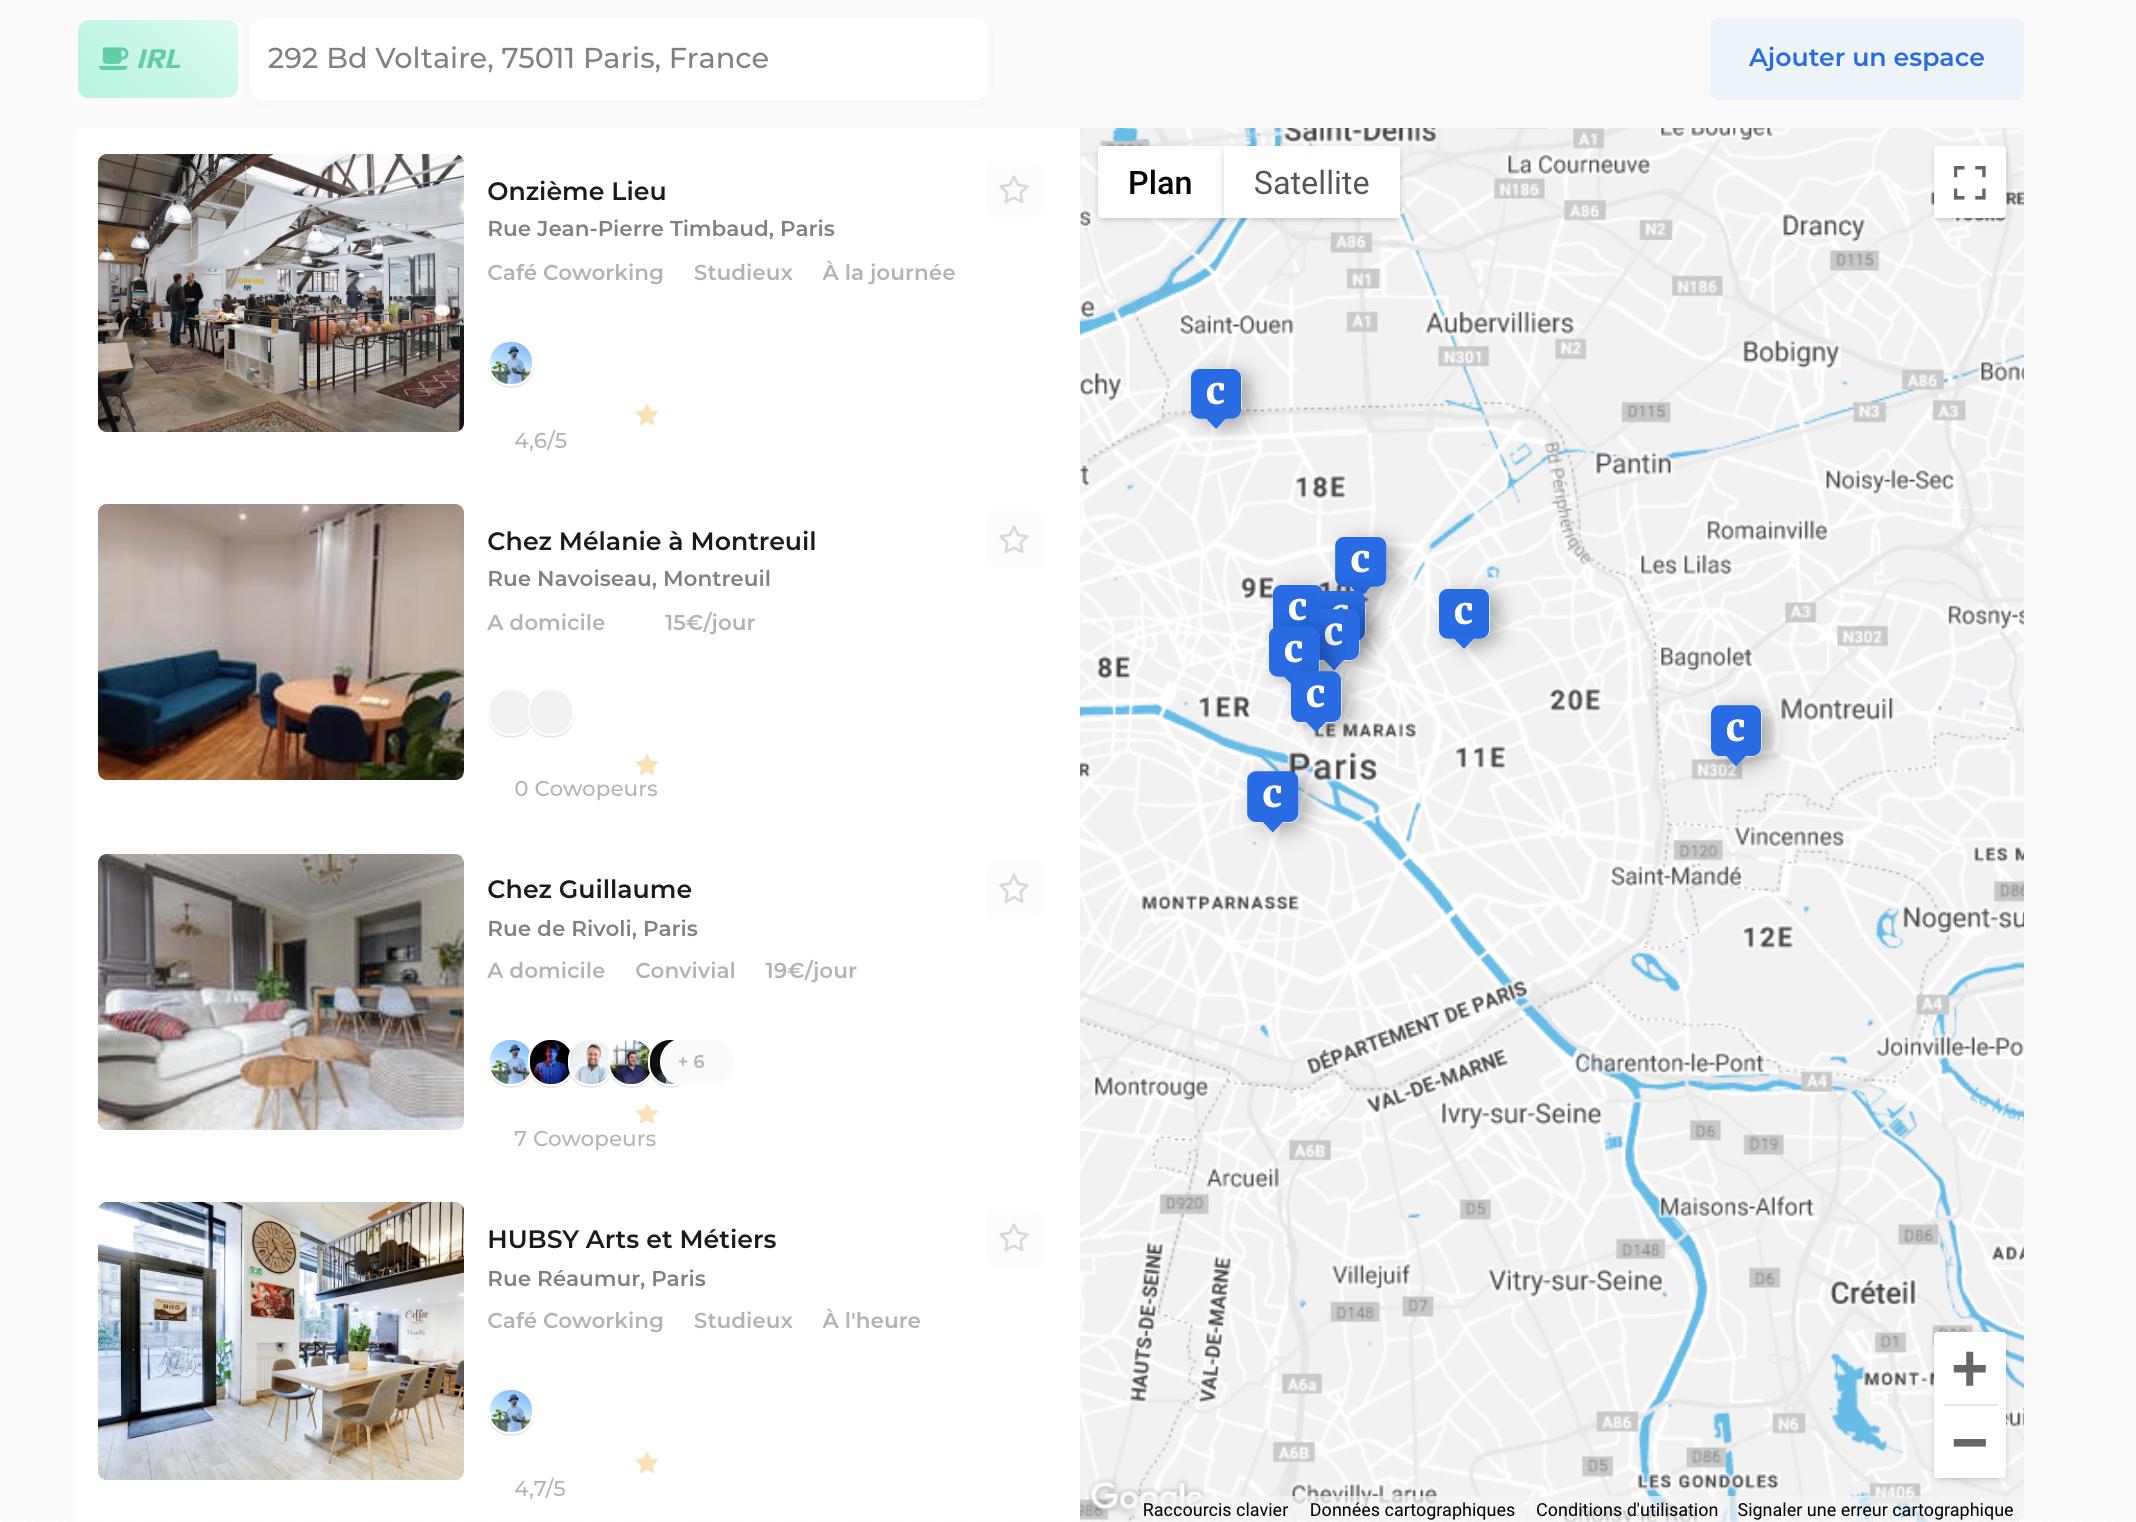 Image des espaces de coworking disponibles dans la plateforme